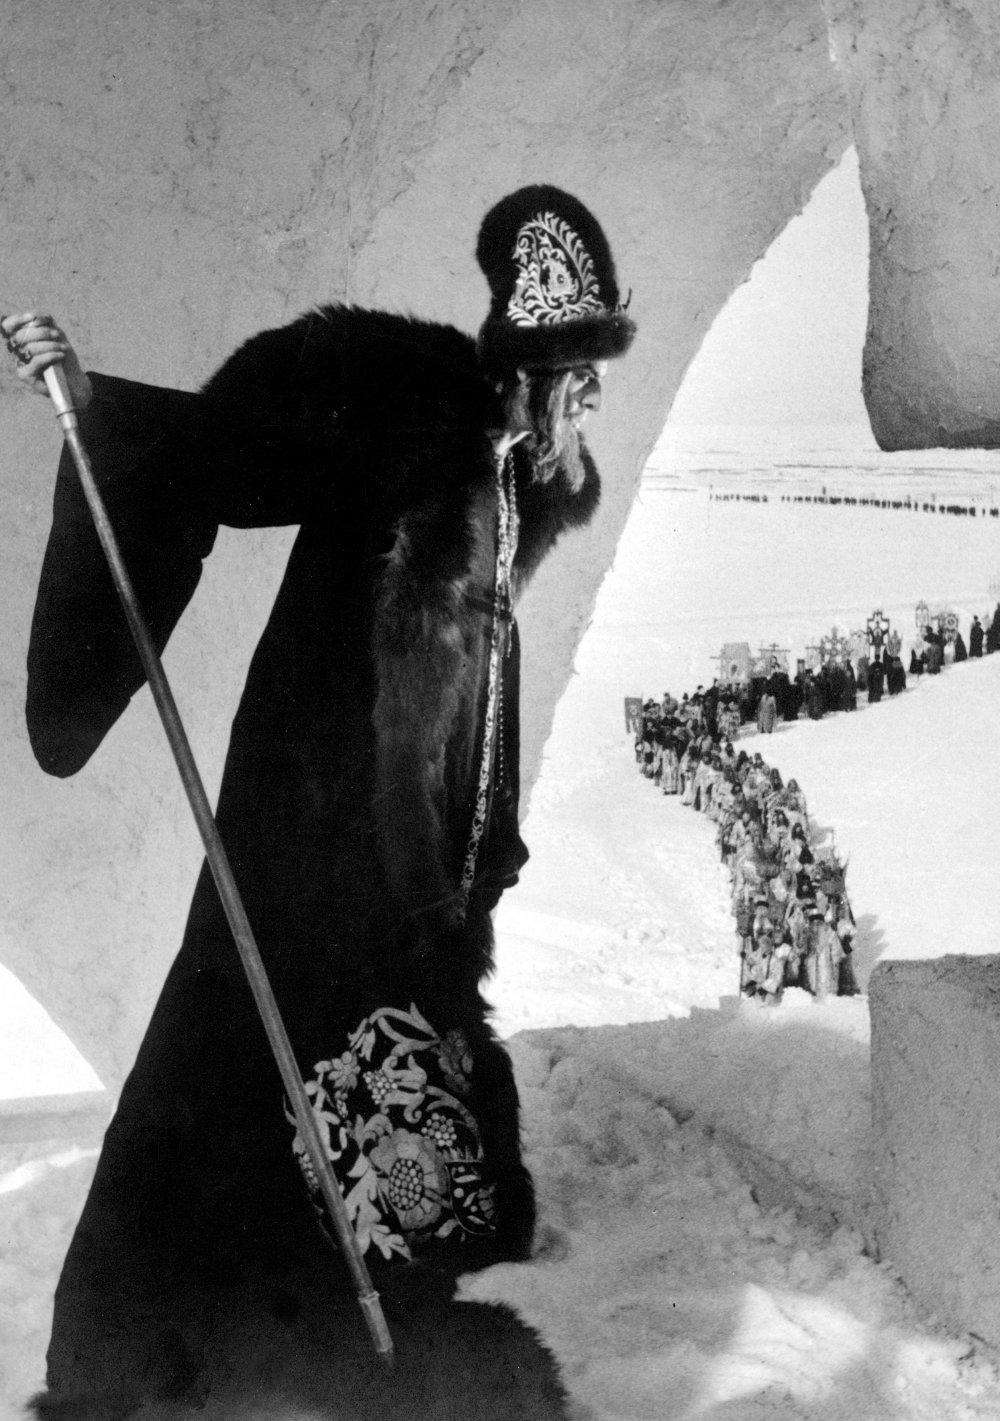 Ivan the Terrible (1945)